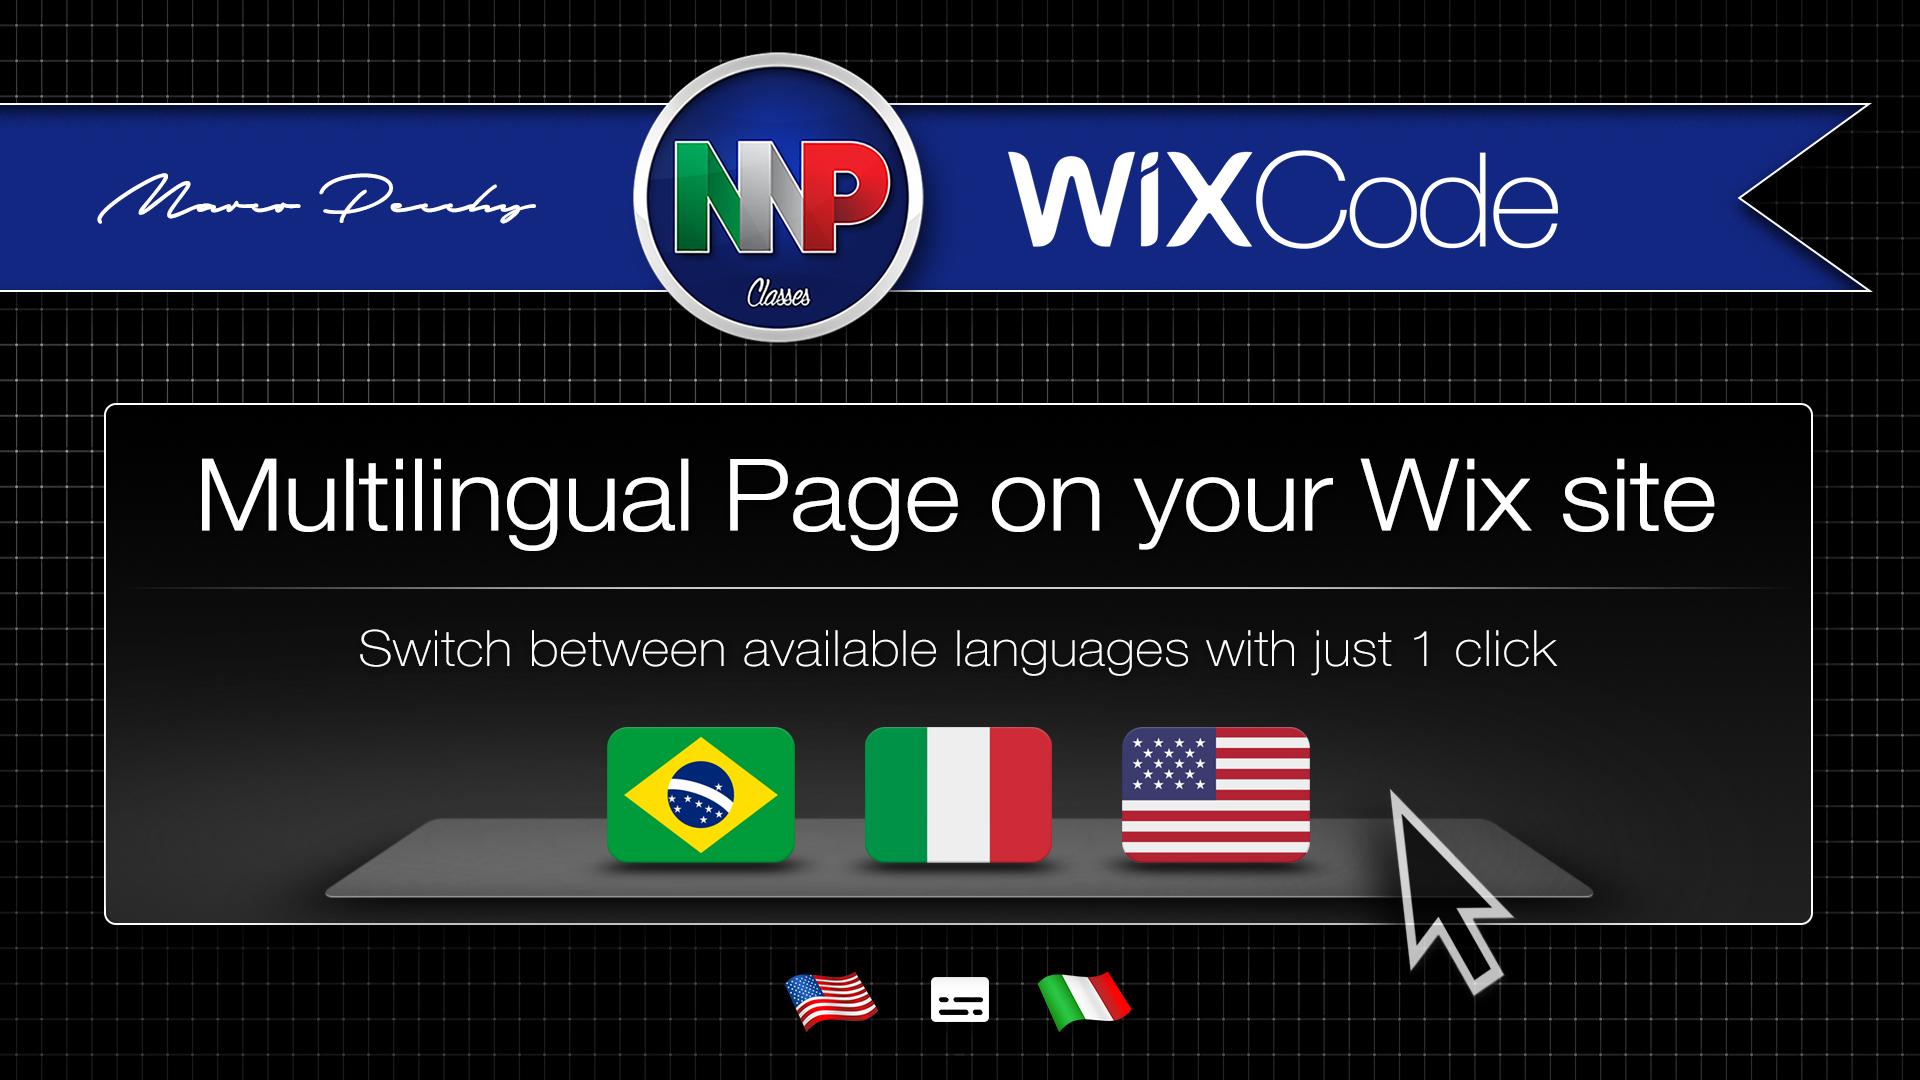 Wix Code | Páginas Multilíngue no seu site Wix